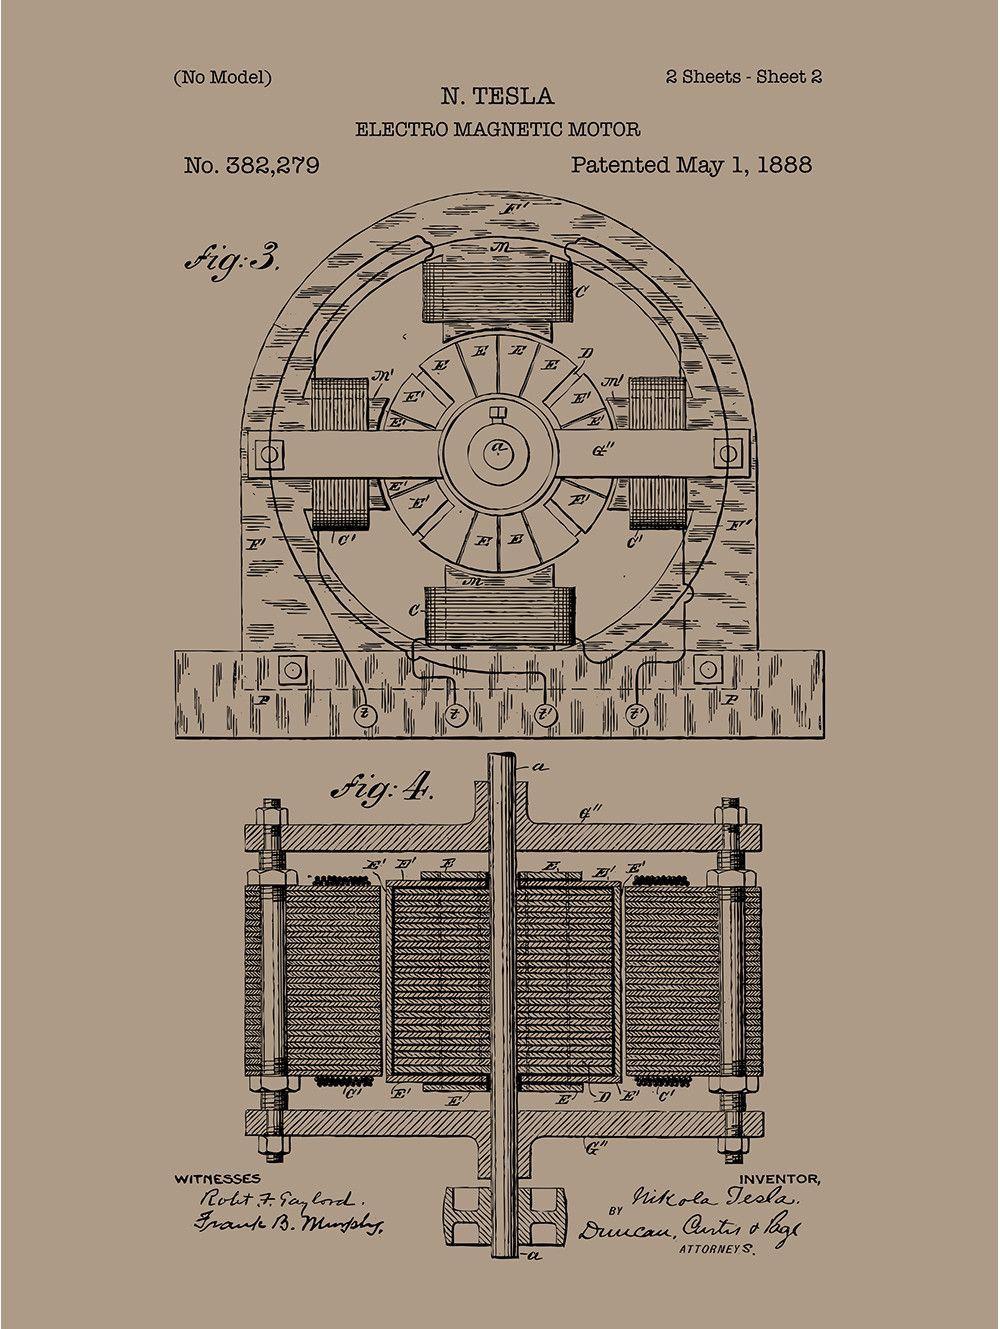 Tesla Electro Magnetic Motor - N. Tesla - 1888   Products ...